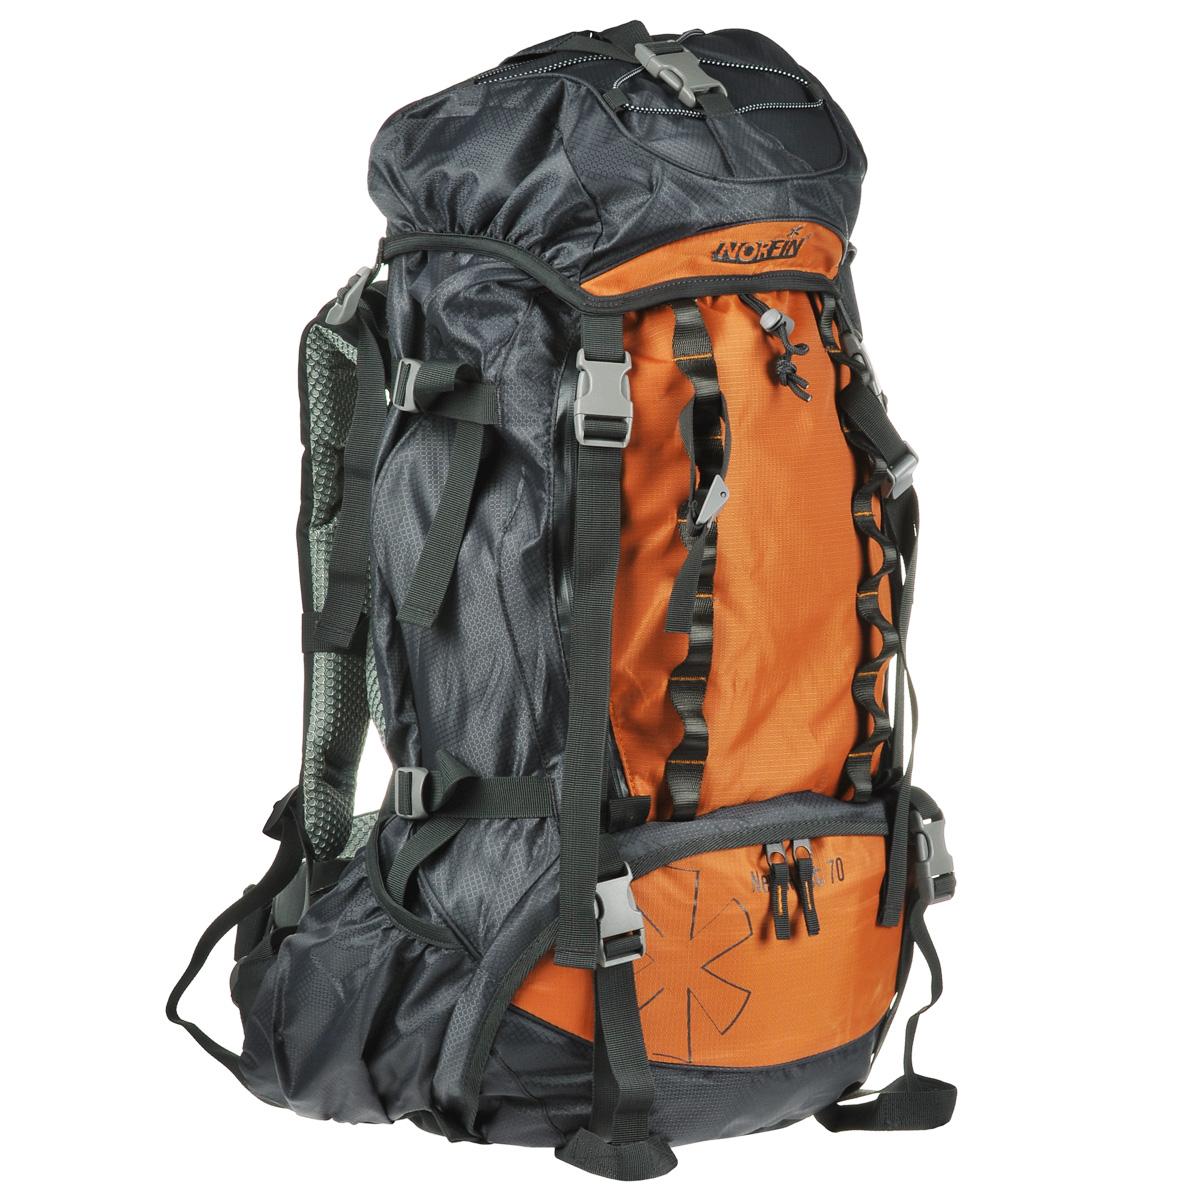 Рюкзак туристический Norfin NeweRest, цвет: серый, оранжевый, 70 лNS-40208Туристический функциональный 70-литровый рюкзак Norfin NeweRest отлично подойдет для походов и путешествий. Особенности рюкзака:Анатомический съемный пояс. Отлично сидит на бедрах, хорошо перераспределяет нагрузкуРегулируемая подвесная система AL-R Грудная стяжка Алюминиевые латы Выход под питьевую систему Основное отделение с разделителем на молнии позволит удобно распределить содержимое рюкзака Помимо верхнего и нижнего входов в основное отделение, по всей передней части рюкзака проходит молния, которая раскрывает его как чемодан.Нижние боковые карманы для фиксирования длинномерных грузов имеют боковые стяжки Плавающий верхний клапан с внешним и внутренним карманамиЧехол-дождевик в кармане на дне Возможность крепления трекинговых палок.Что взять с собой в поход?. Статья OZON Гид